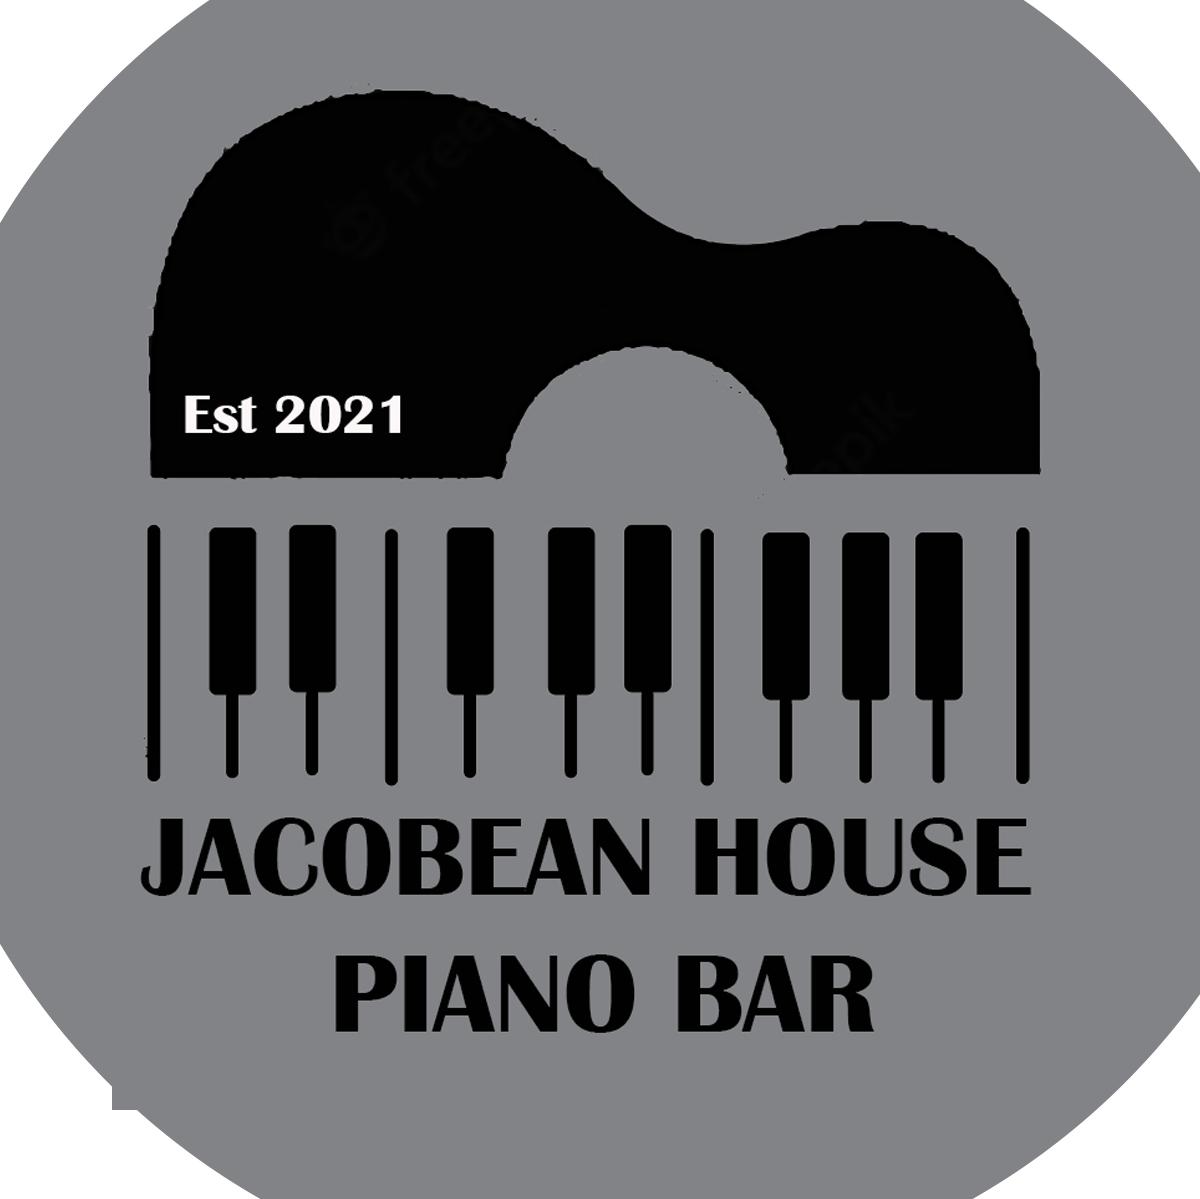 Jacobean House Piano Bar